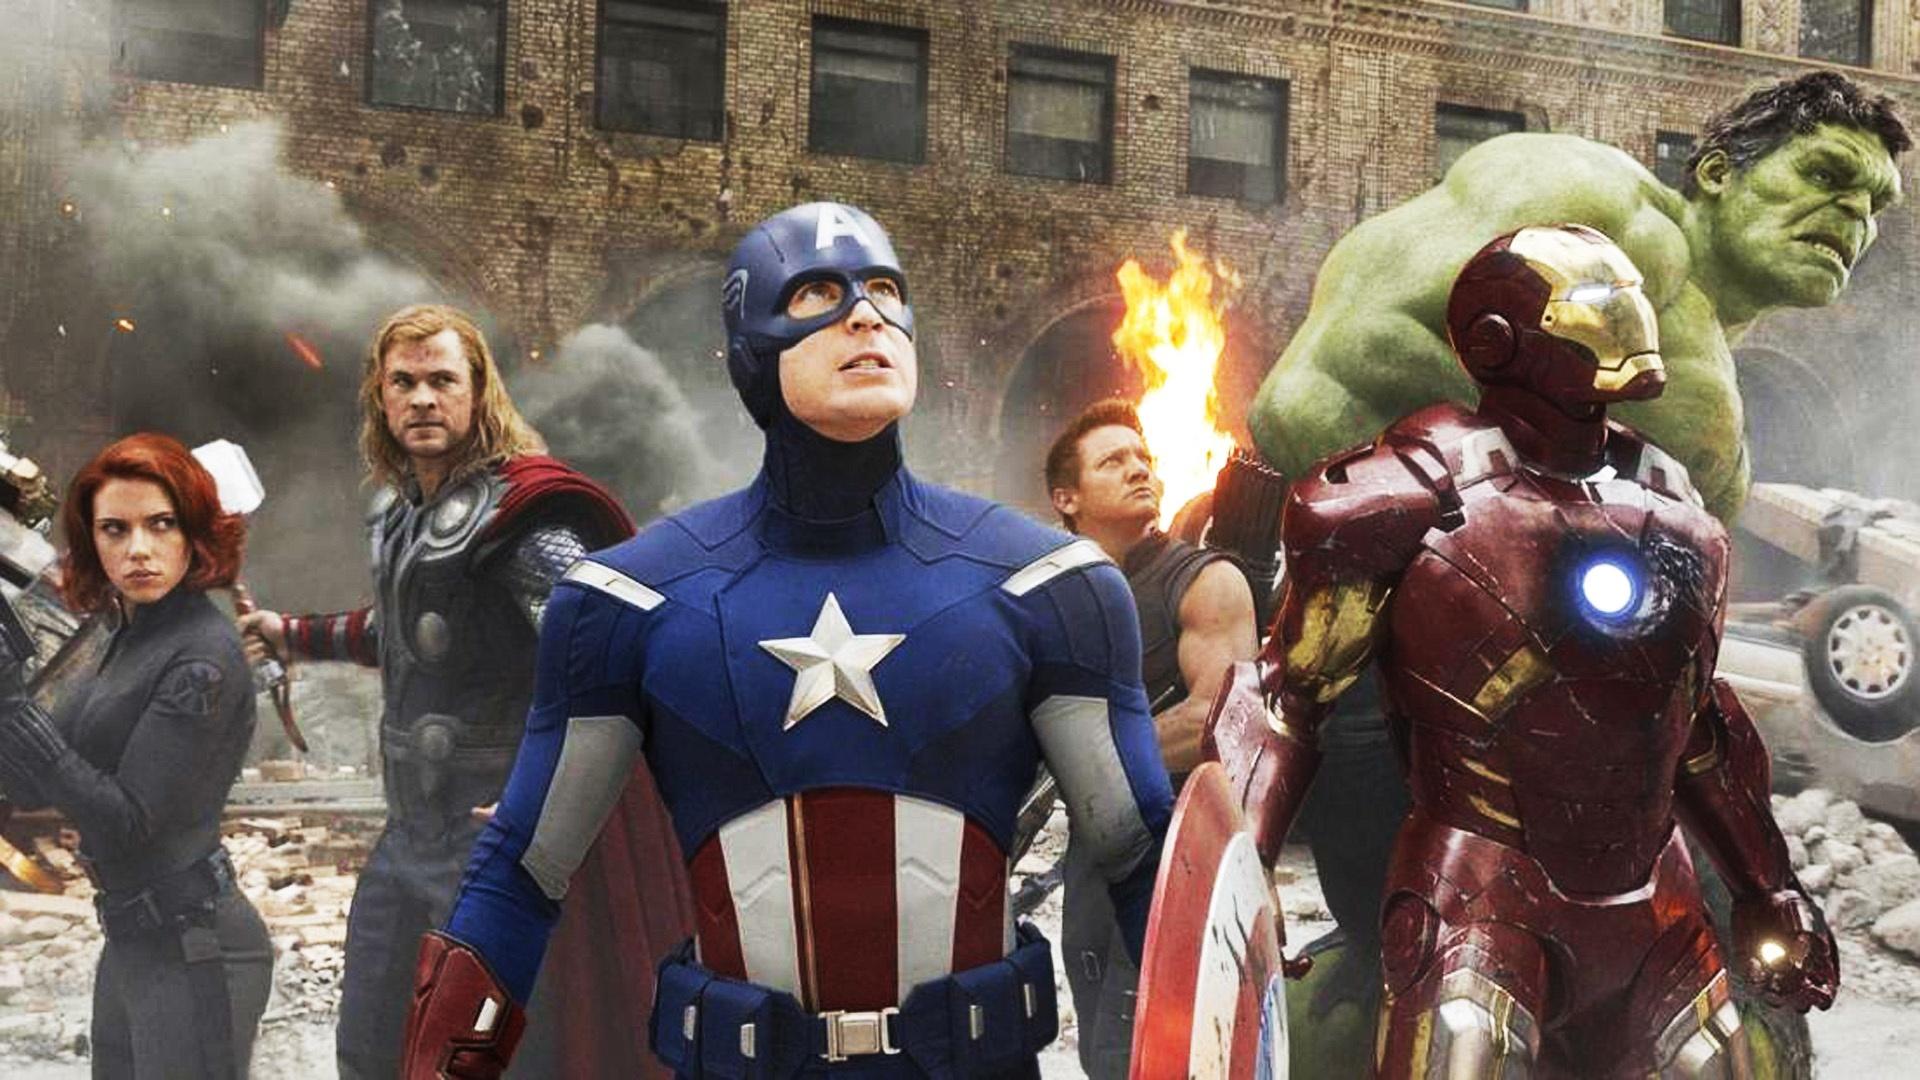 Avengers - Eingestelltest Spiel zum Film sah aus wie Left 4 Dead